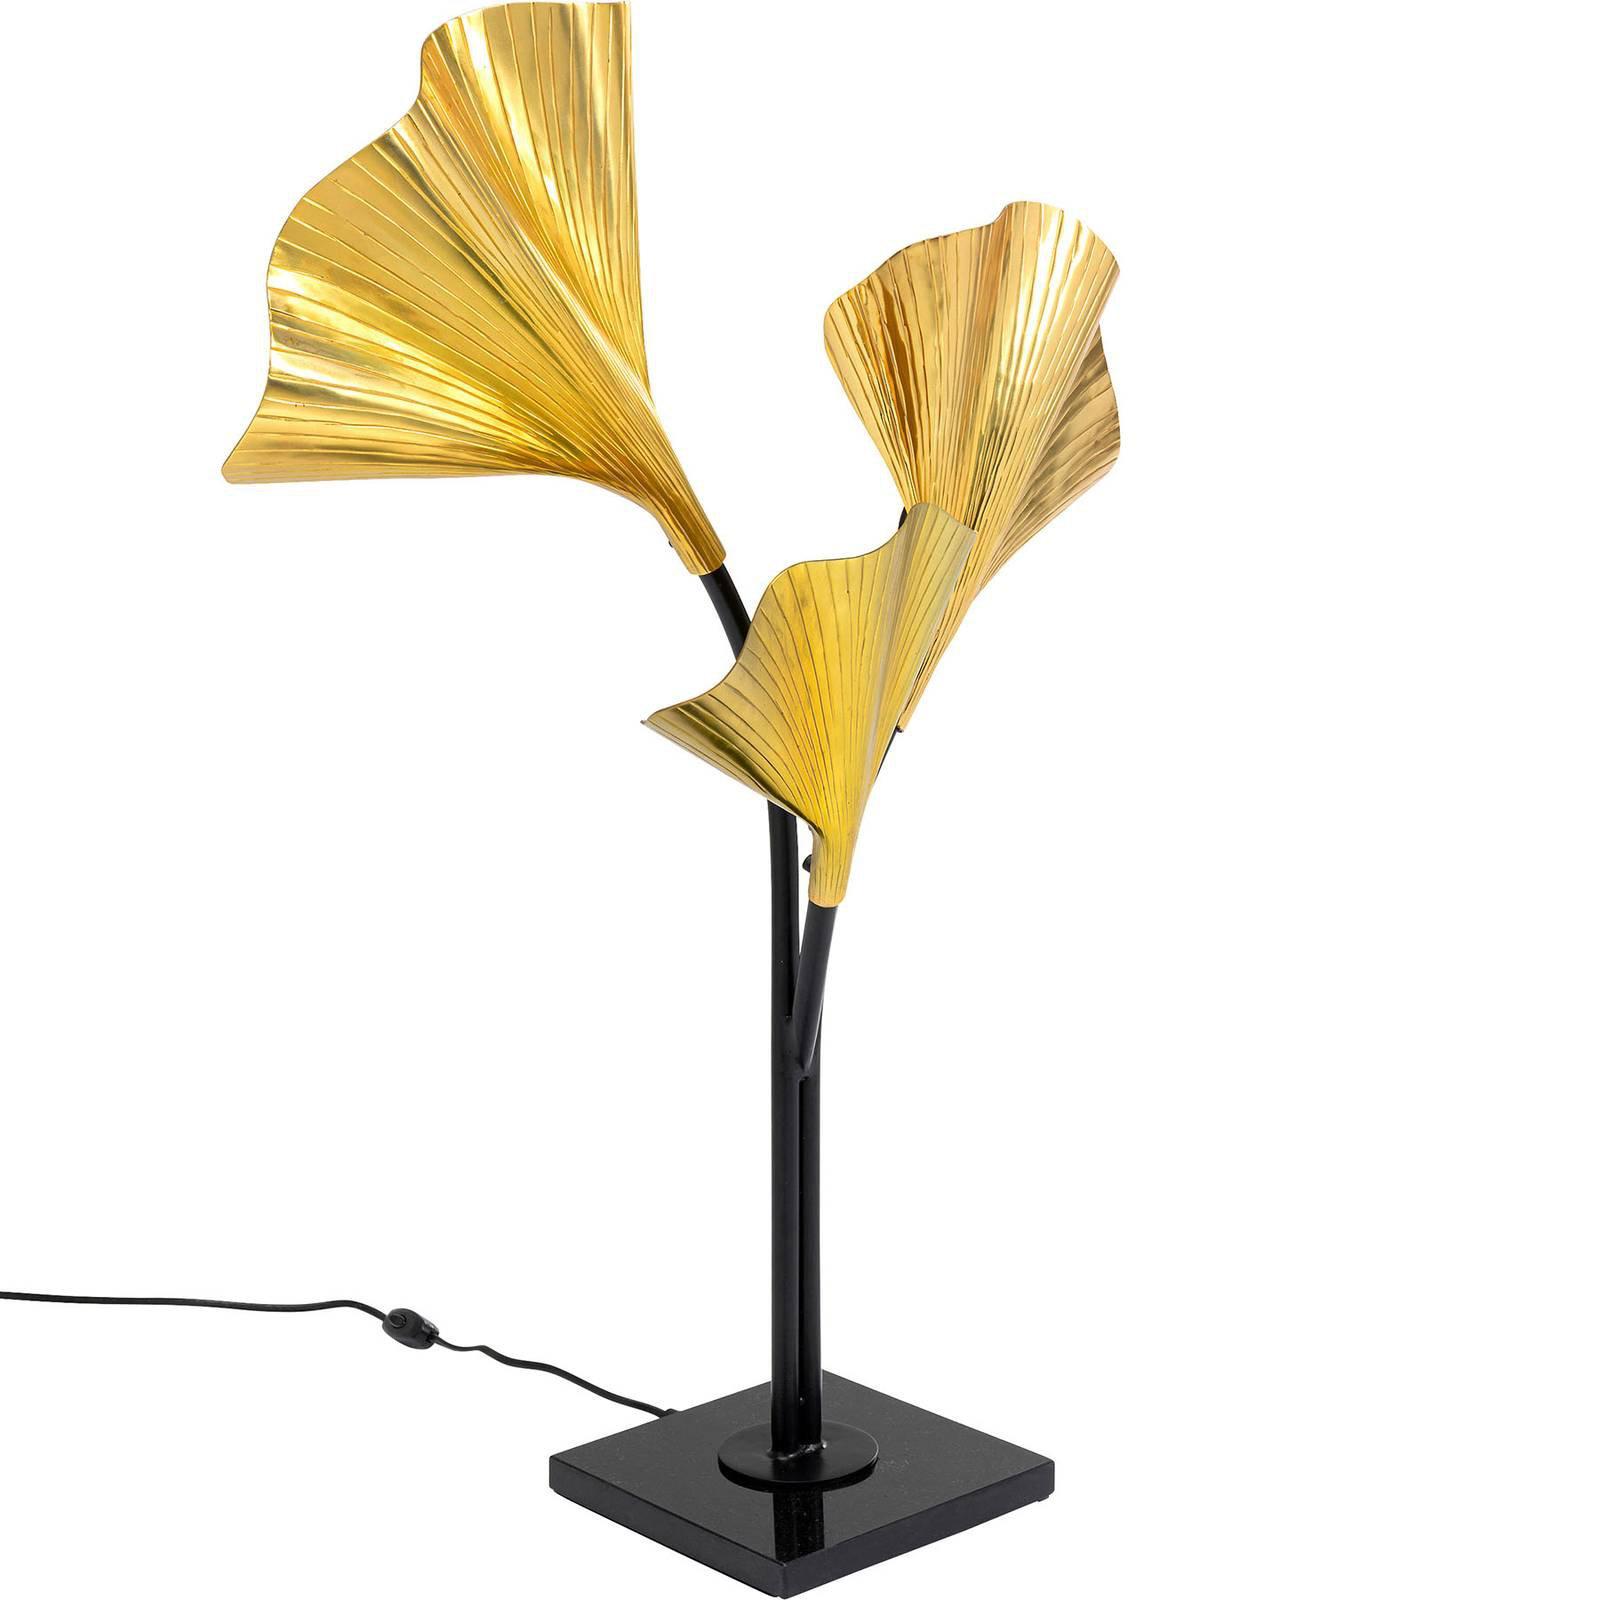 KARE Gingko Tre bordlampe, høyde 83 cm